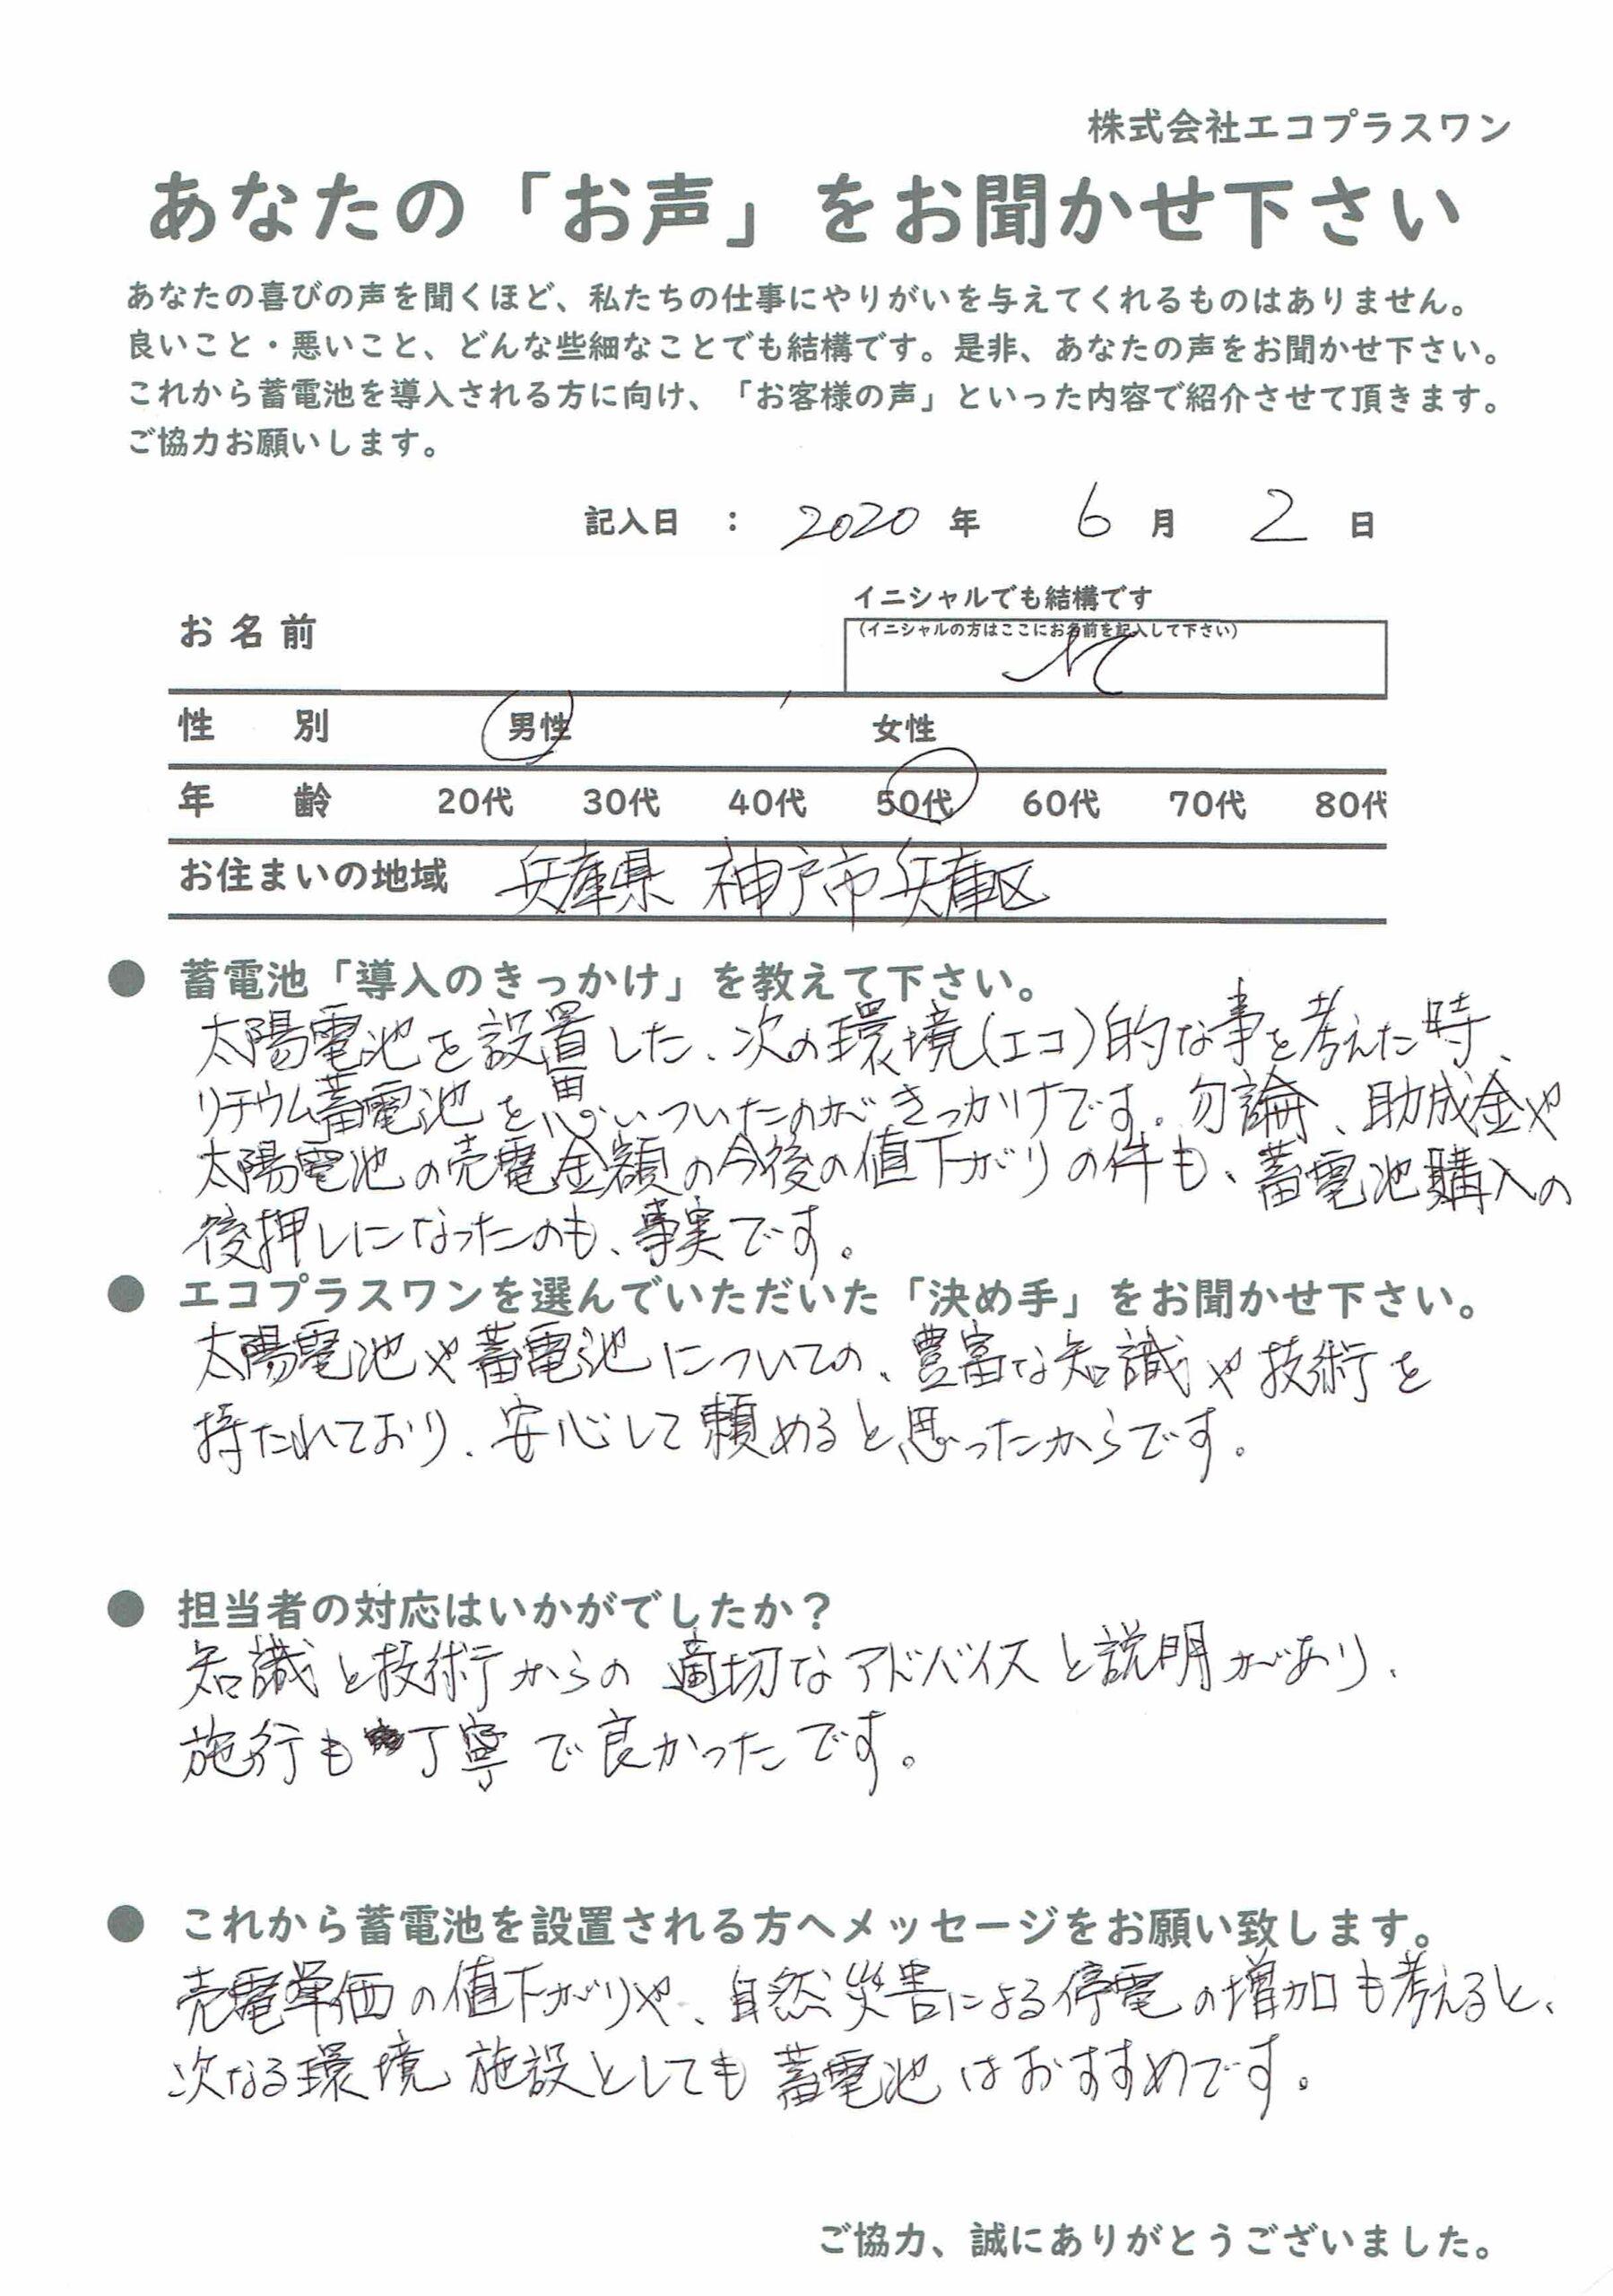 【神戸市・50代】M様